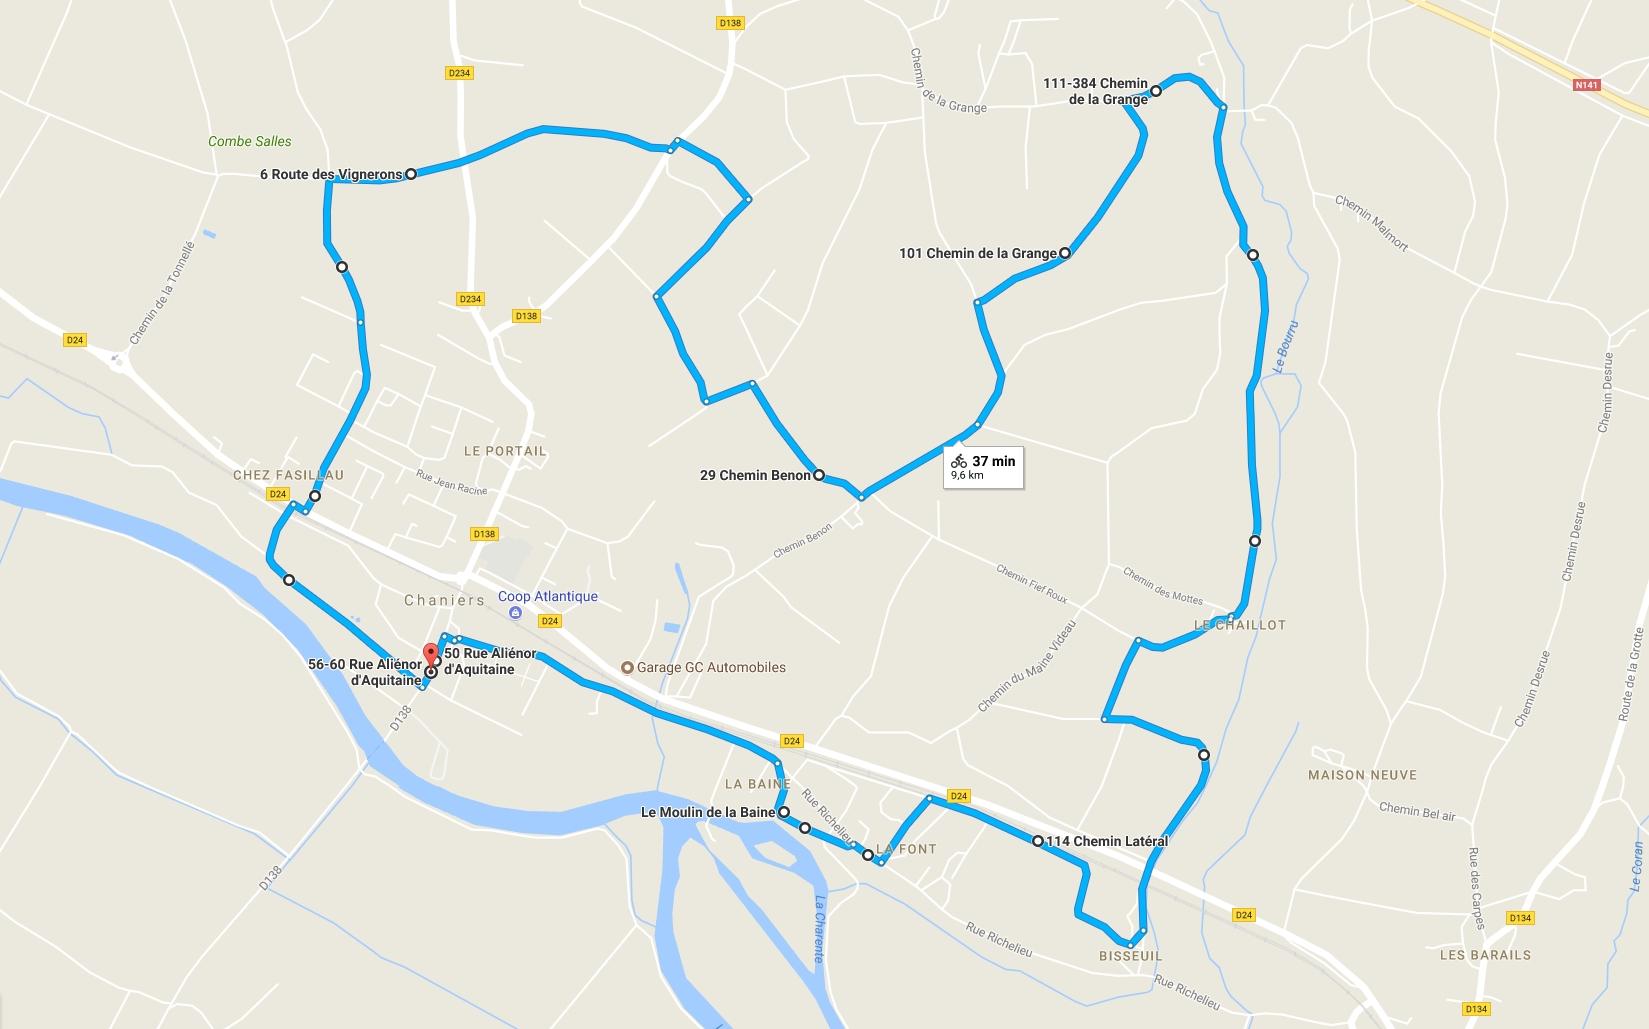 Plan de randonnée à Chaniers (17)